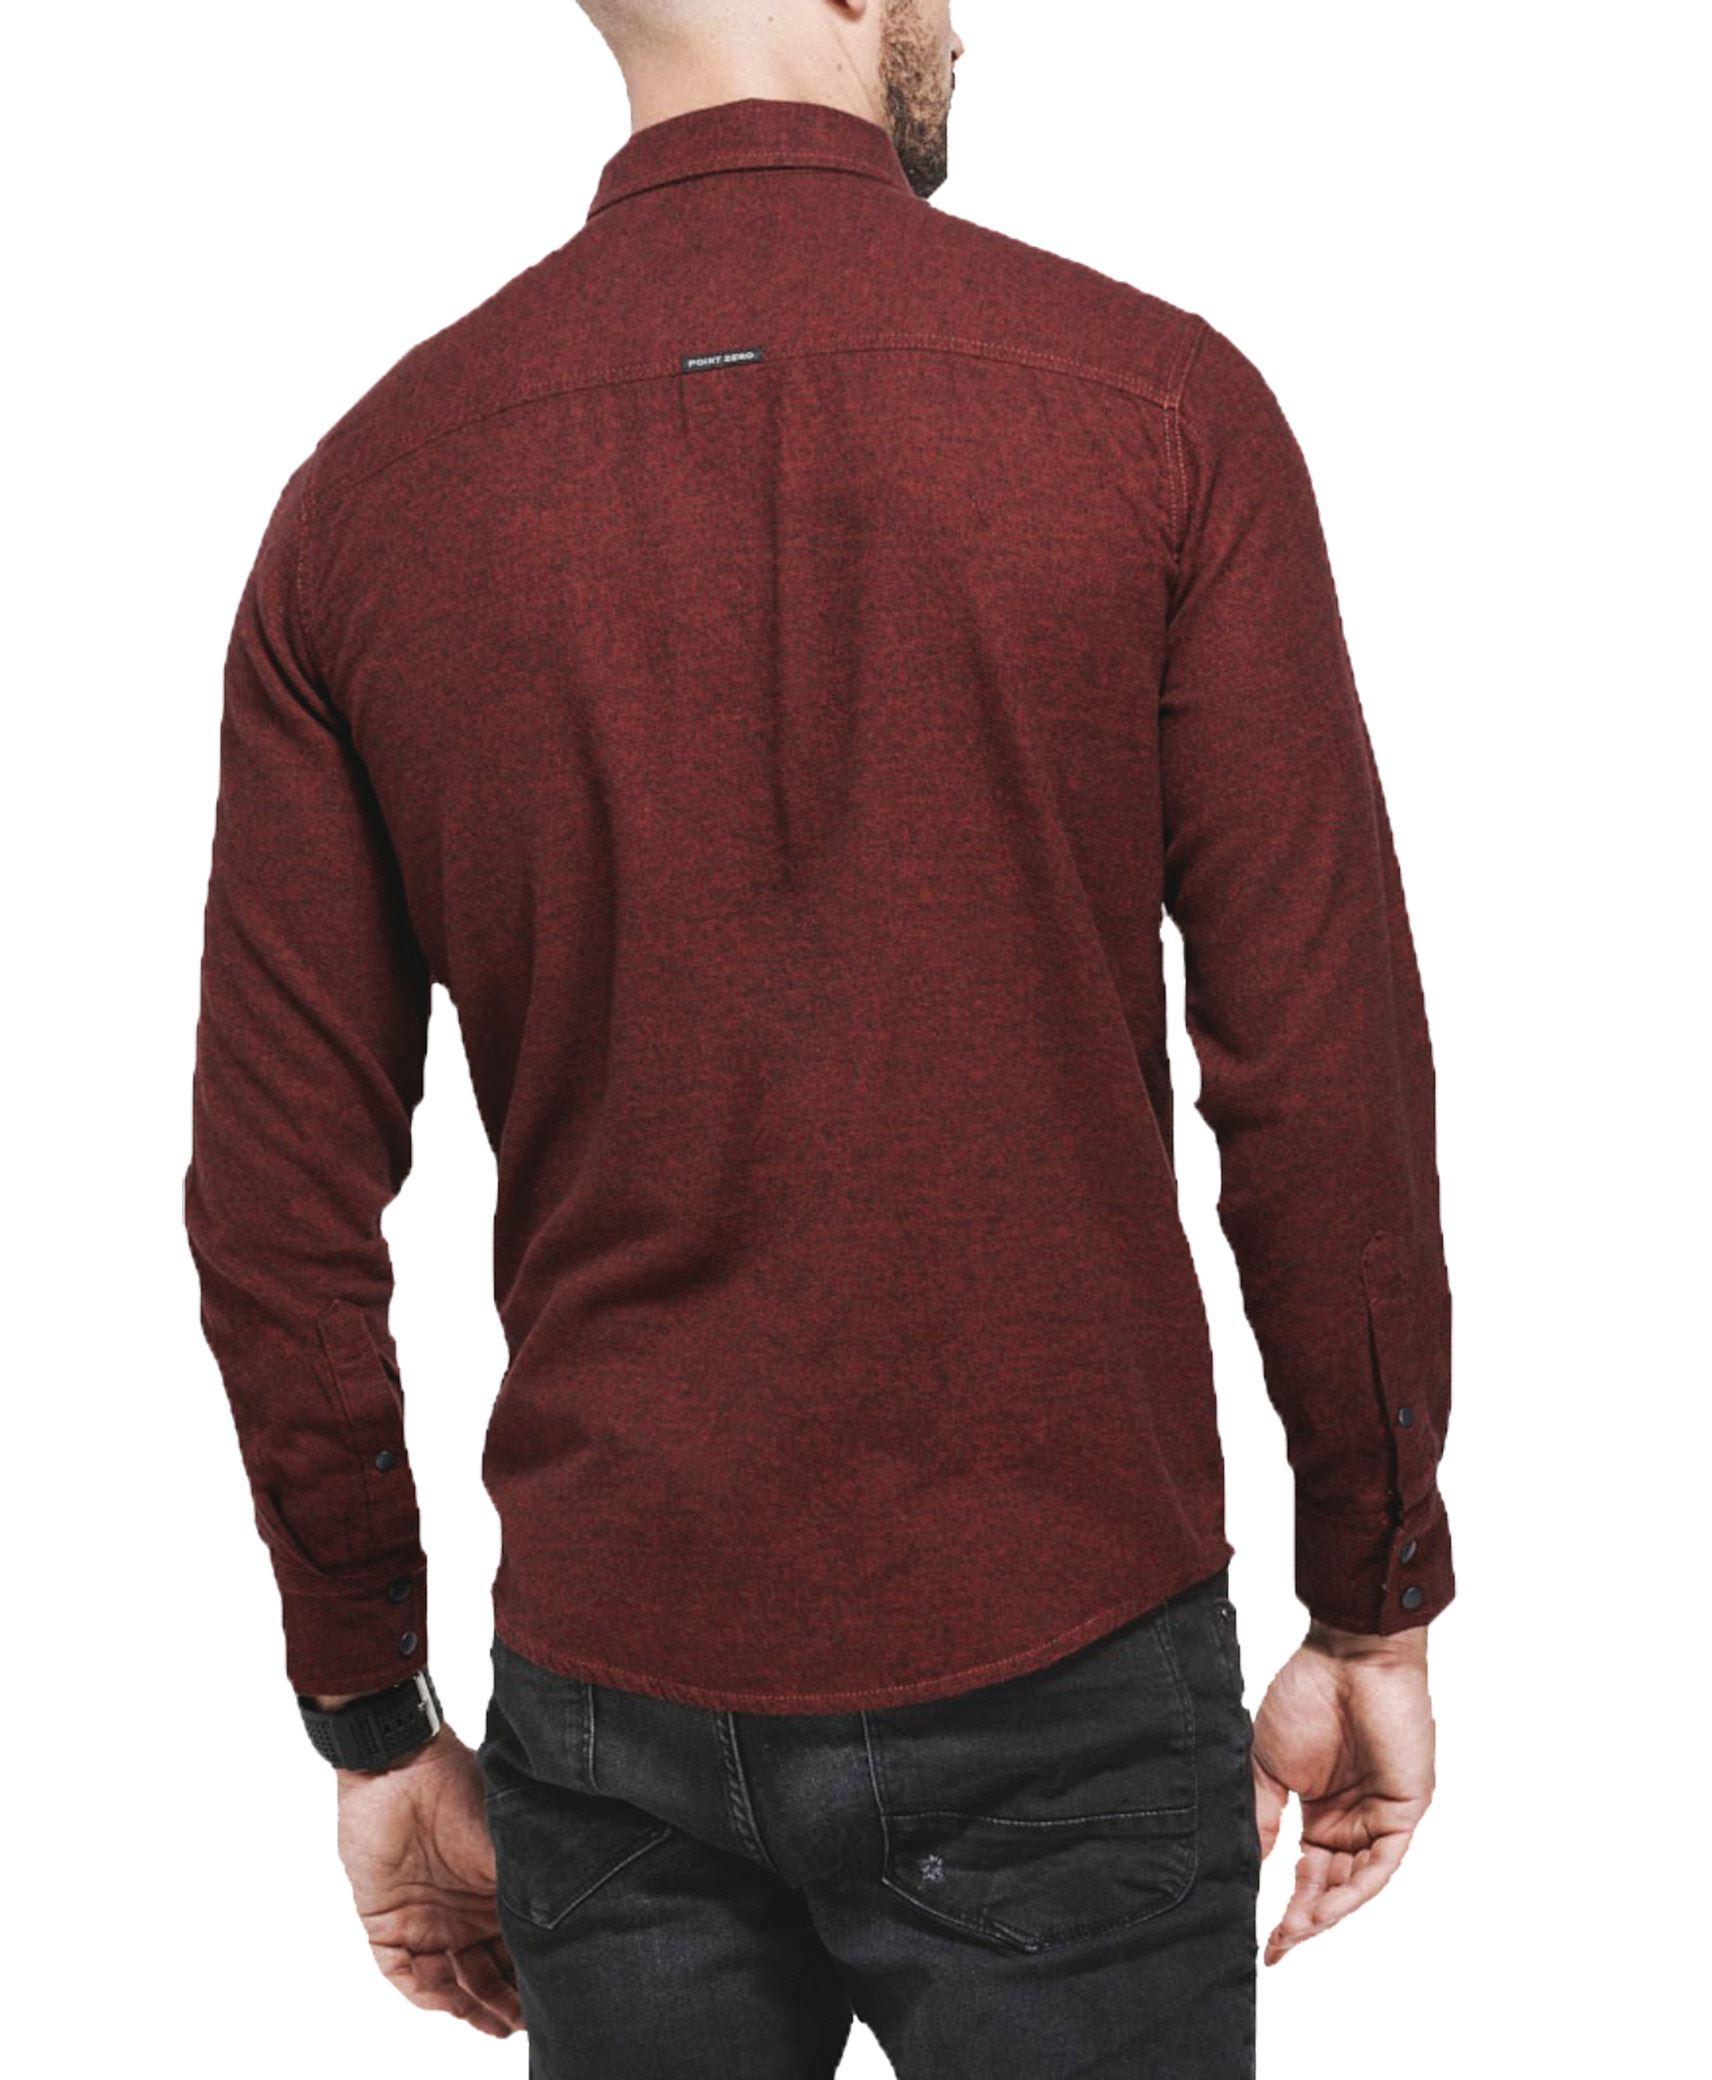 Da Uomo POINT ZERO pianura camicia 100 Cotone Manica Lunga Top Casual Eleganti S-XXL RRP 60